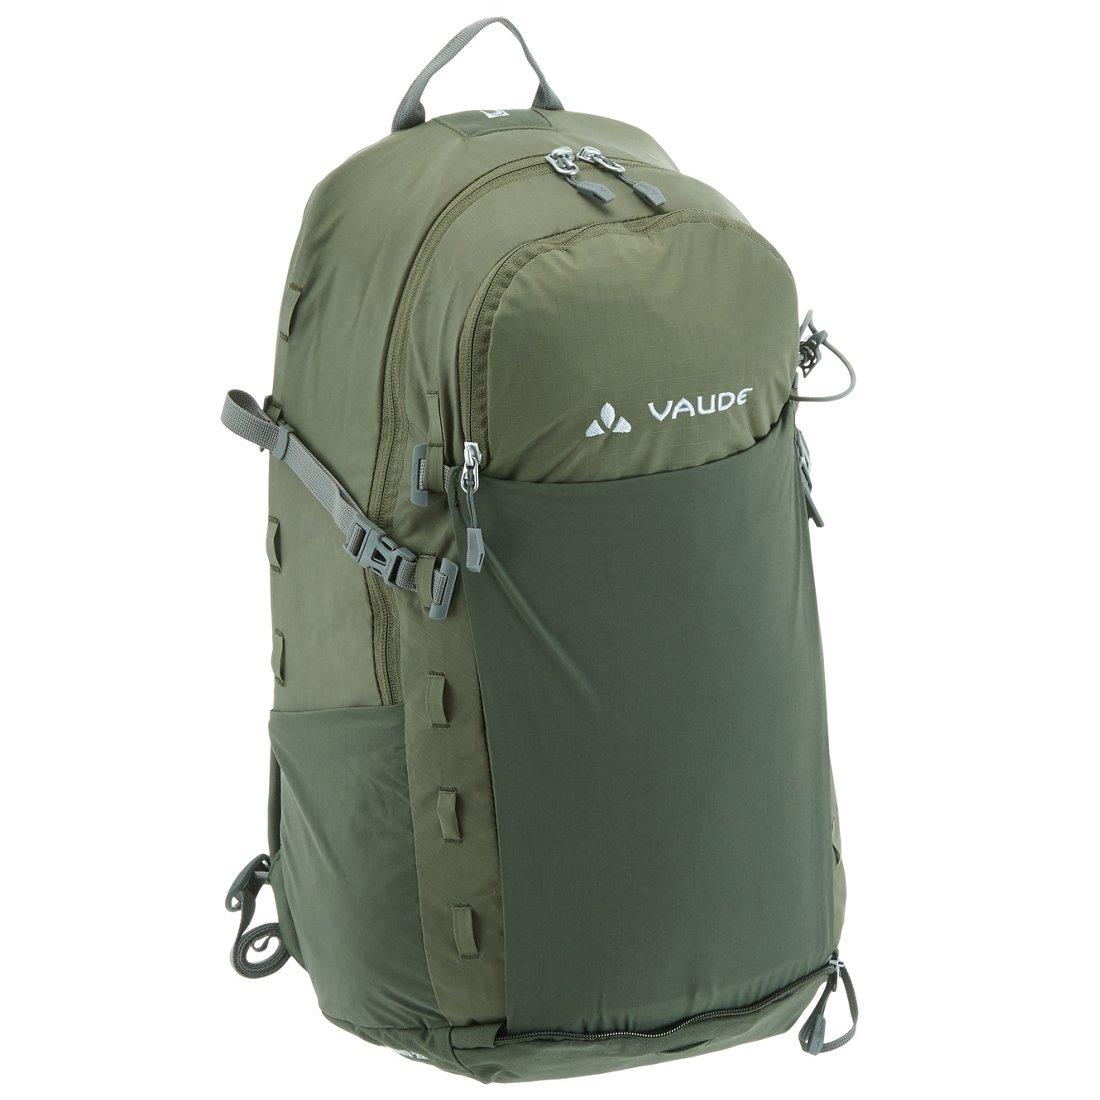 7cc4659e5f0bb Vaude Mountain Backpacks Varyd 22 Rucksack 47 cm - koffer-direkt.de